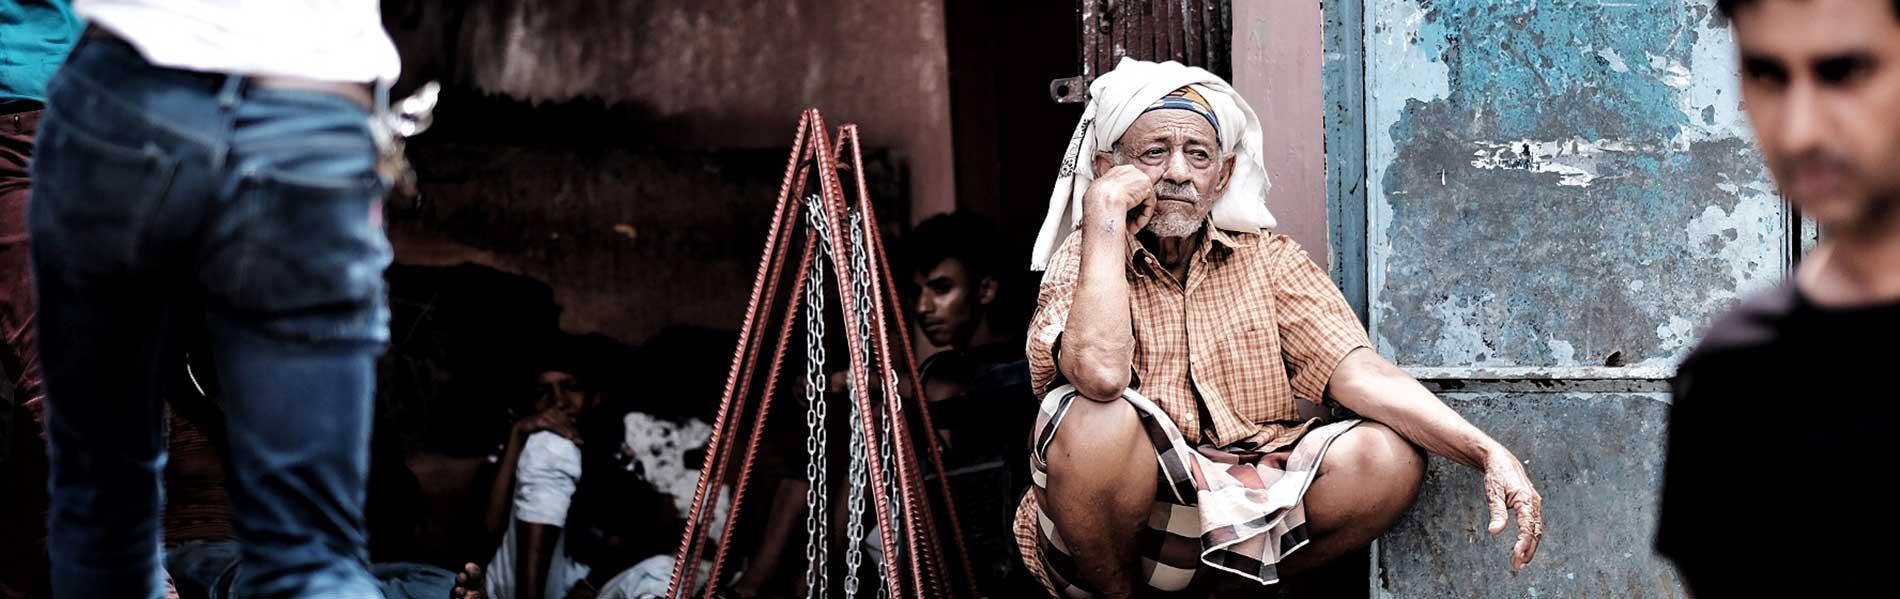 yemen-personne-agee